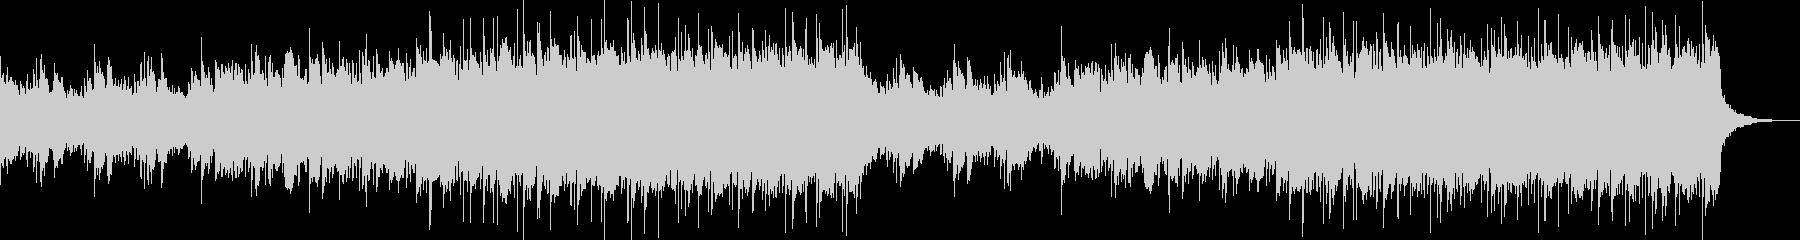 感動的な映像、ピアノ、ポストクラシカル2の未再生の波形